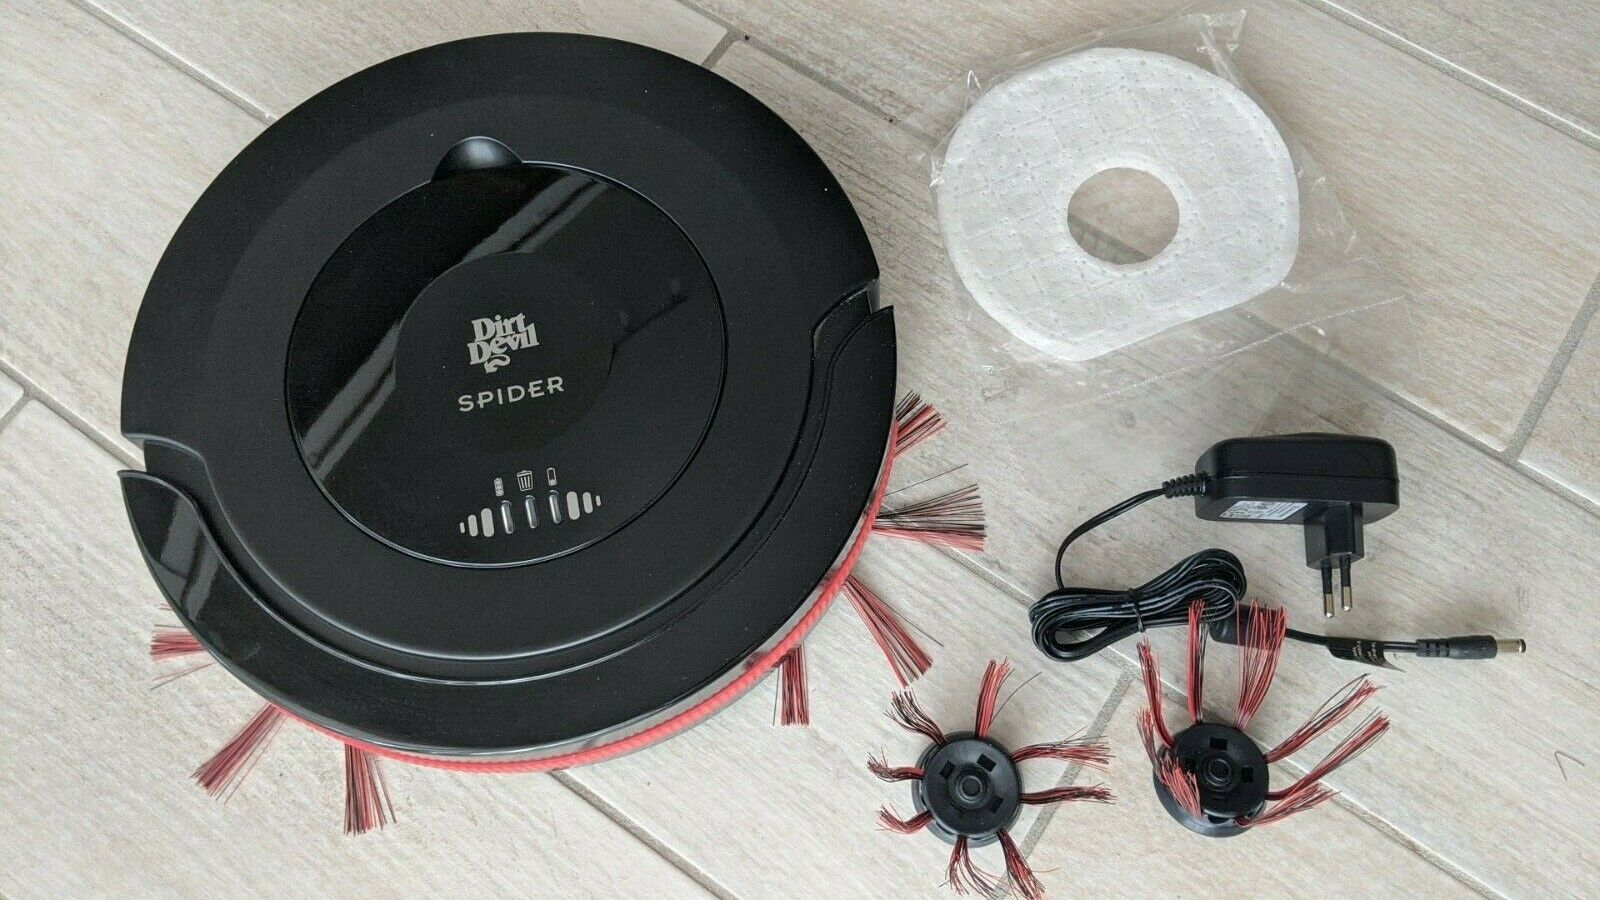 Dirt Devil M607 Spider Staubsauger - wie neu